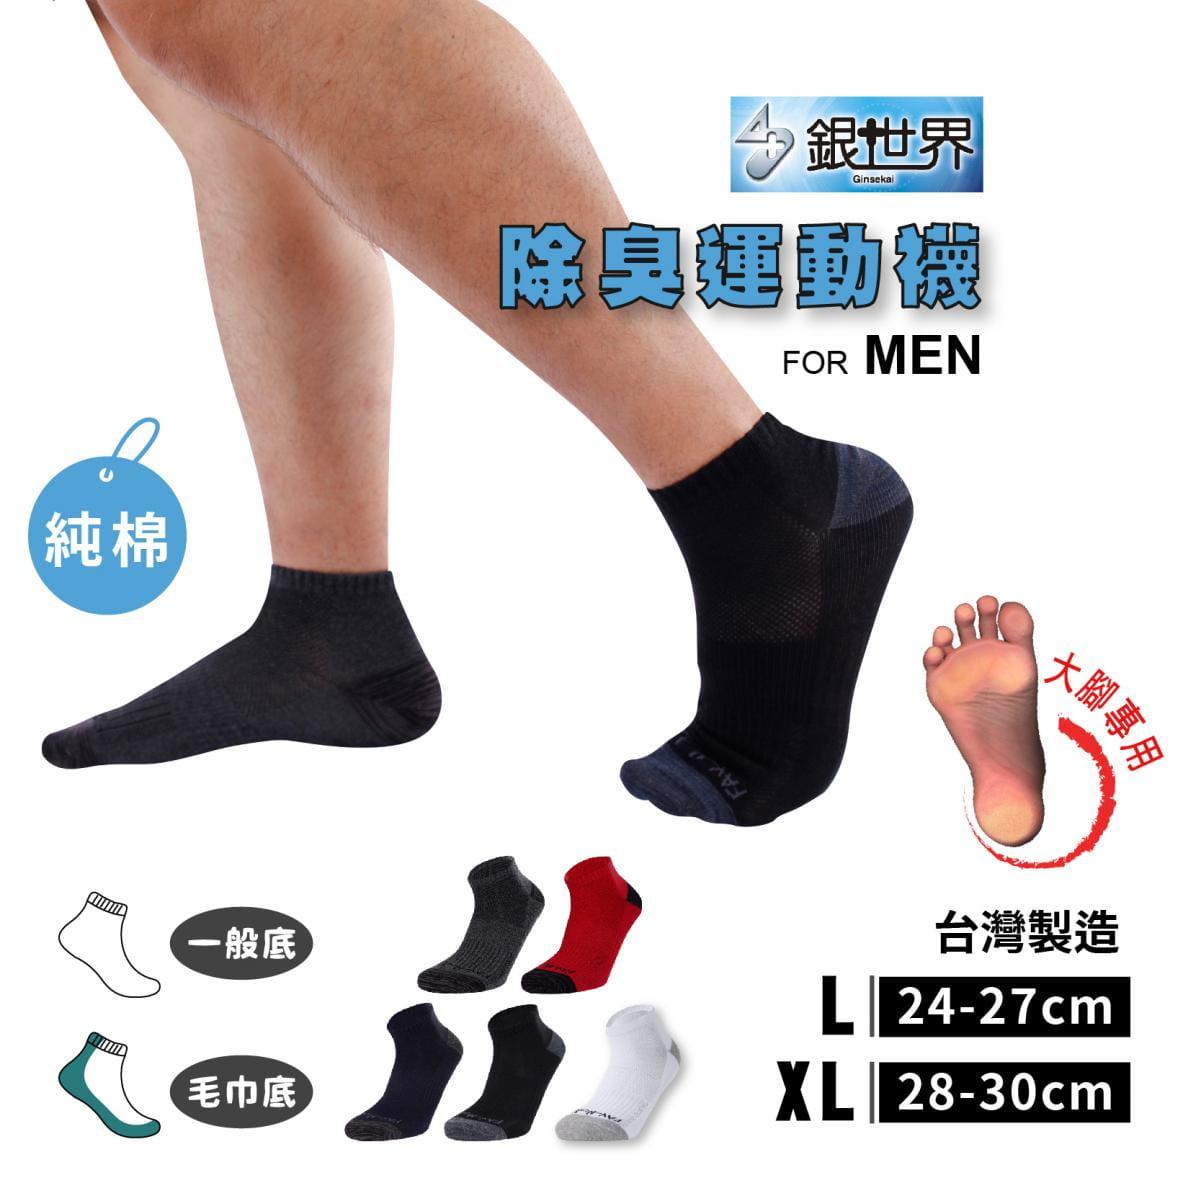 【FAV】除臭運動襪 (一般底、毛巾底) 0